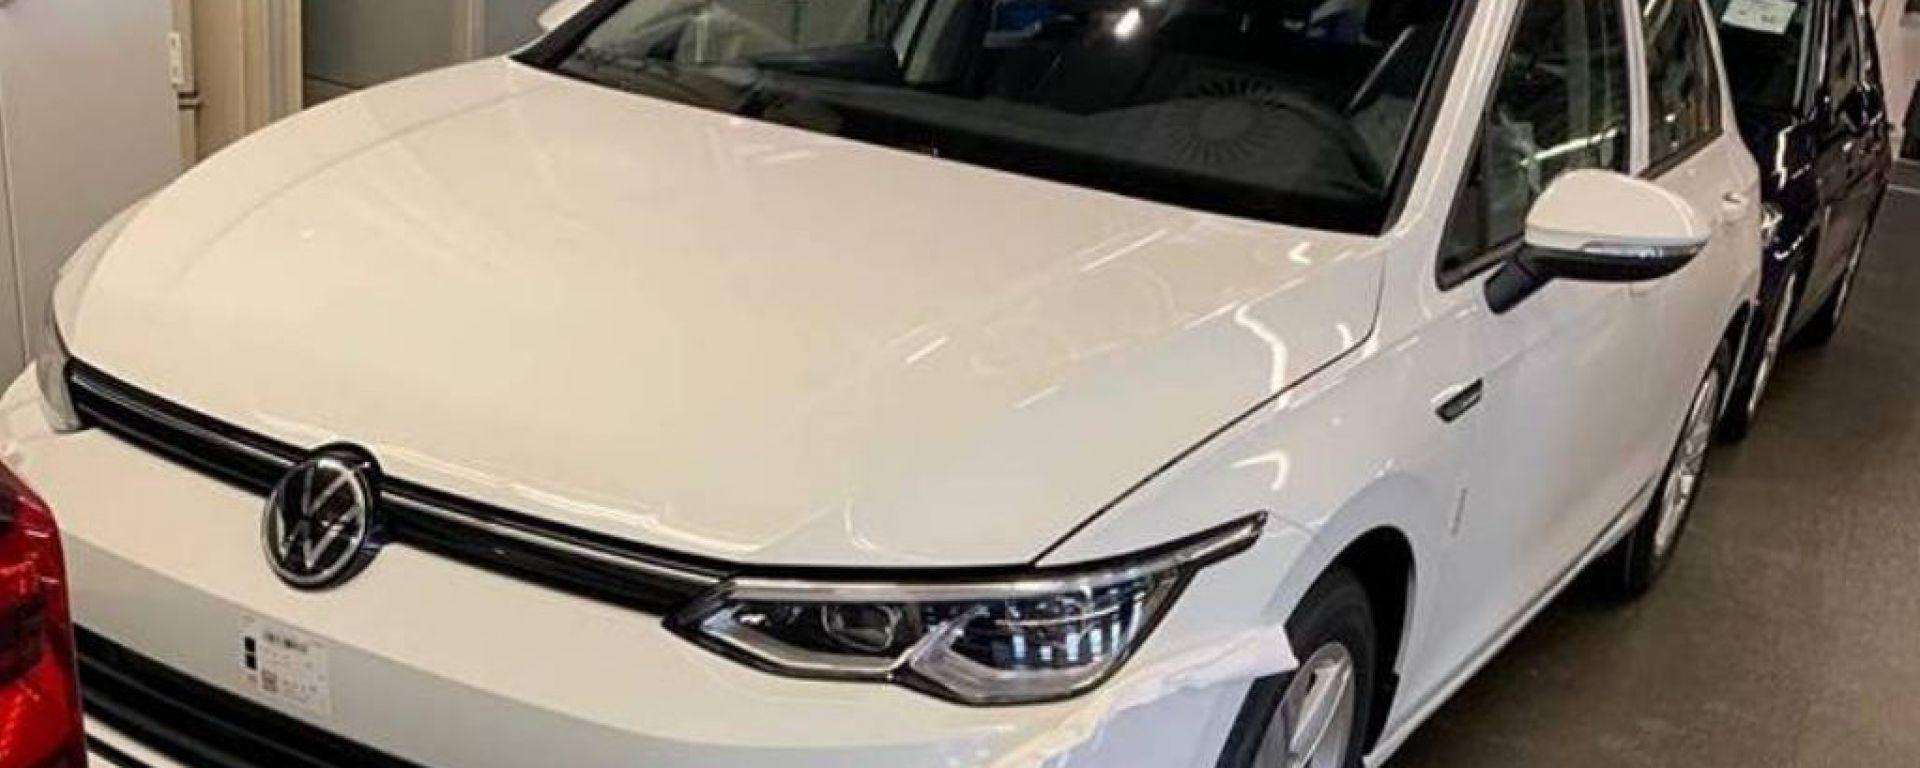 Nuova Volkswagen Golf 2020: le foto spia